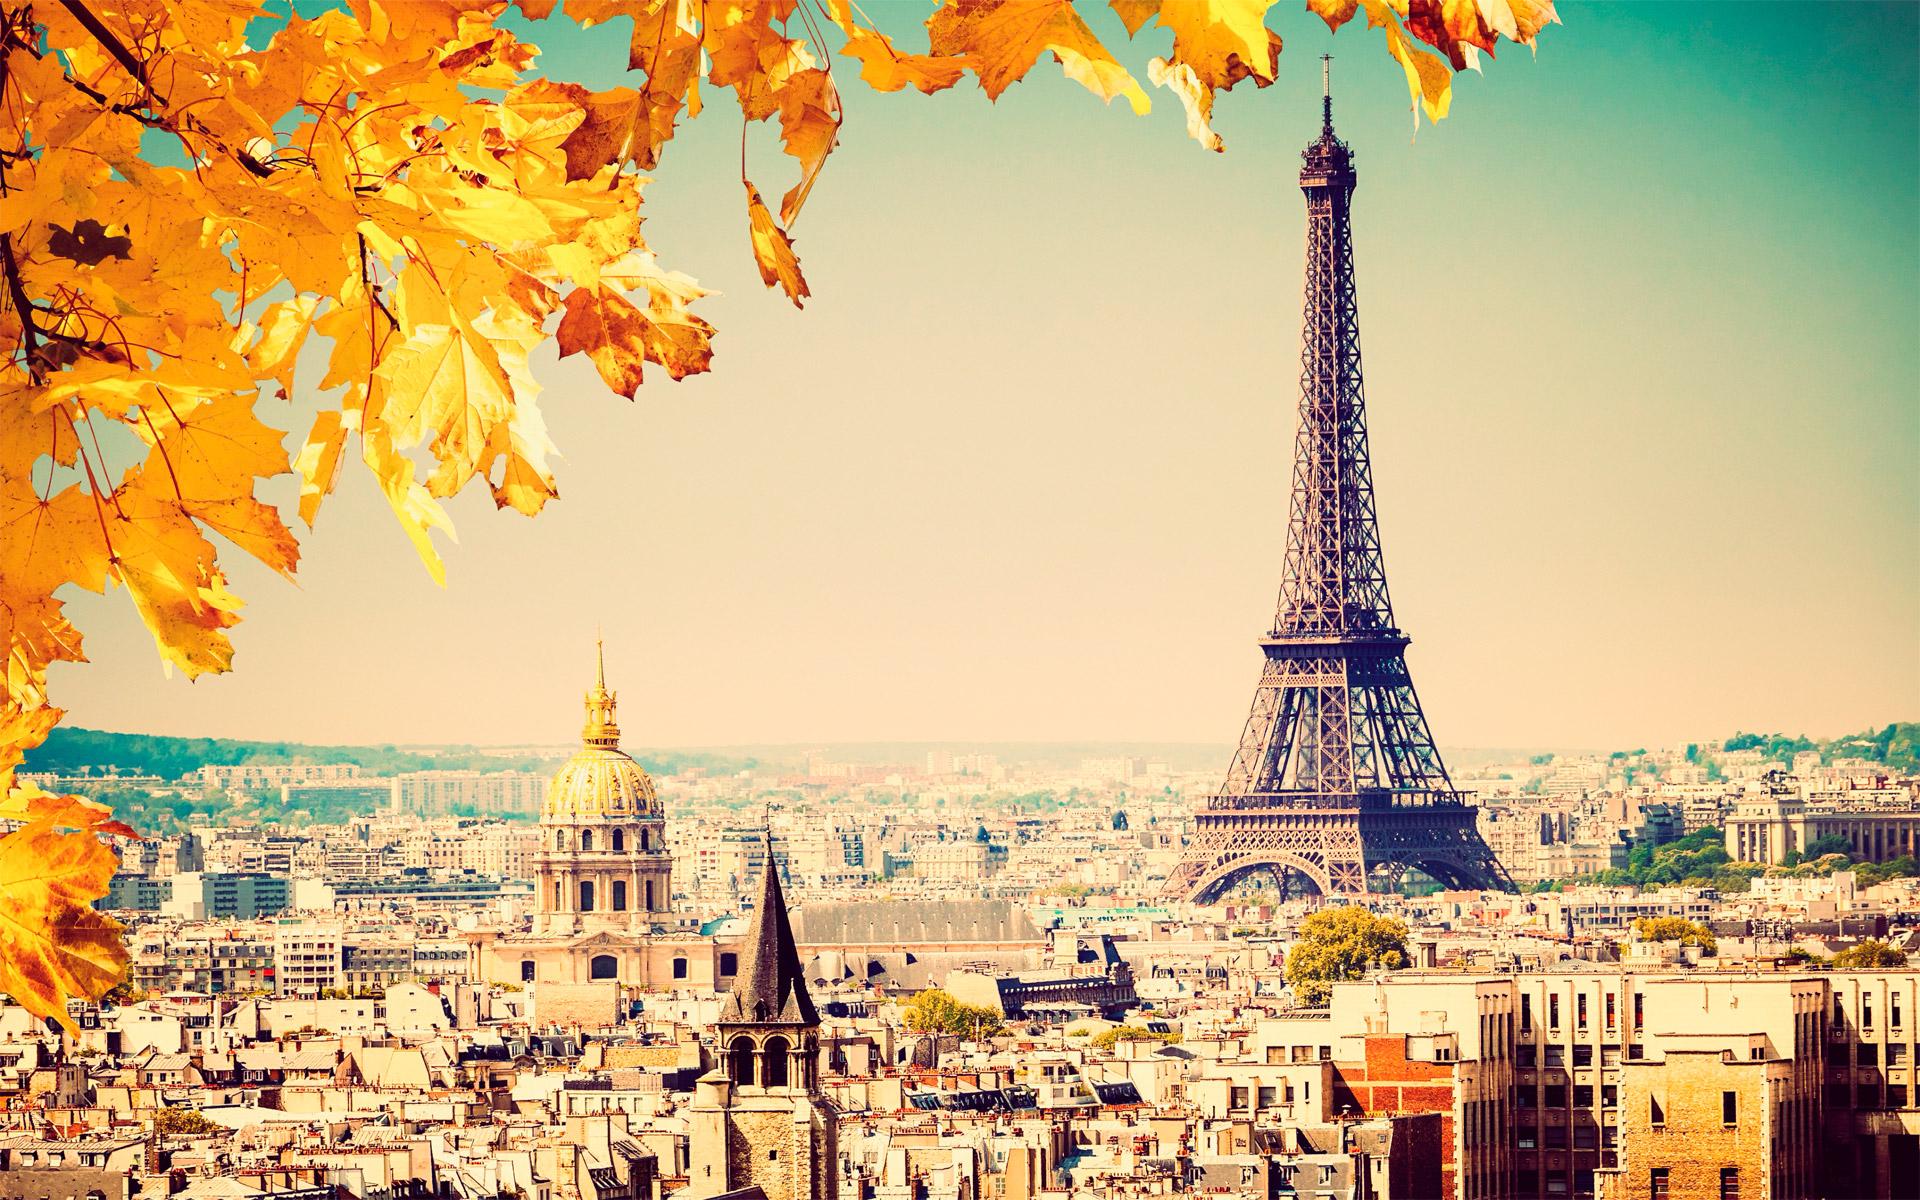 AADSP-Voyages-séjour-paris-voyage-adapté-handicap-AADSP-Group